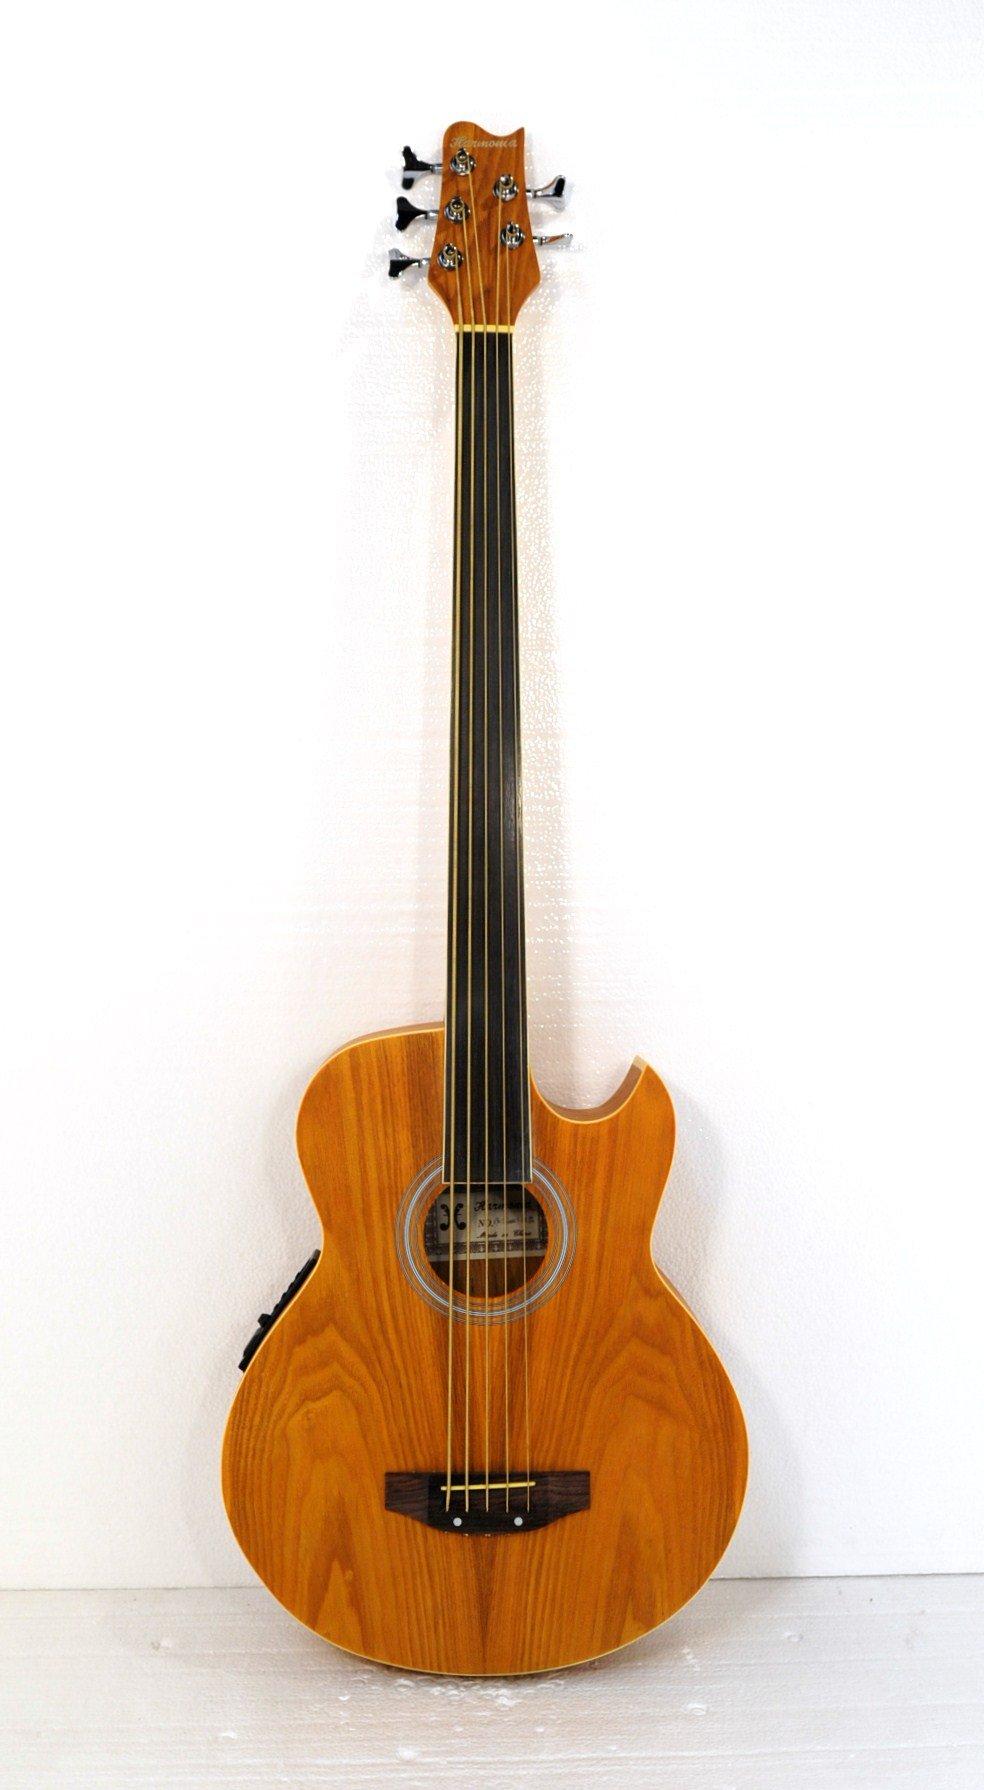 5 String Fretless Acoustic Electric Cutaway Bass w/ Gig Bag